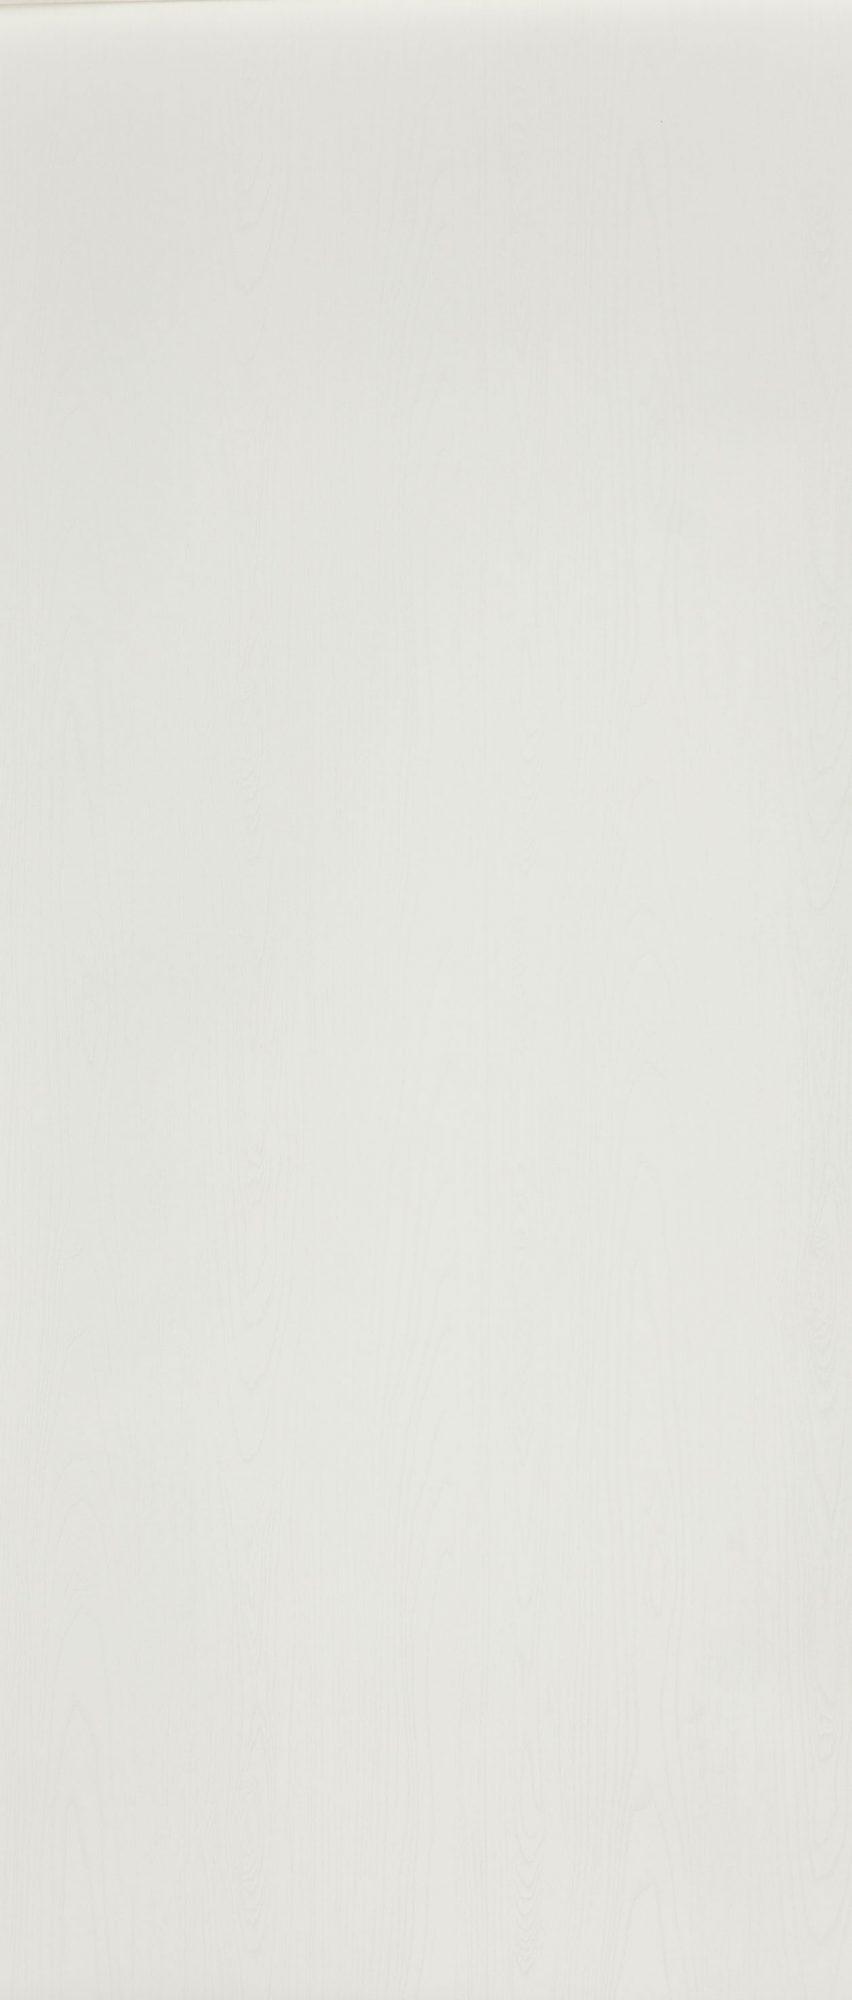 DecoLegno HPL Specials - Tekenprogramma 2440x1220x0.8mm